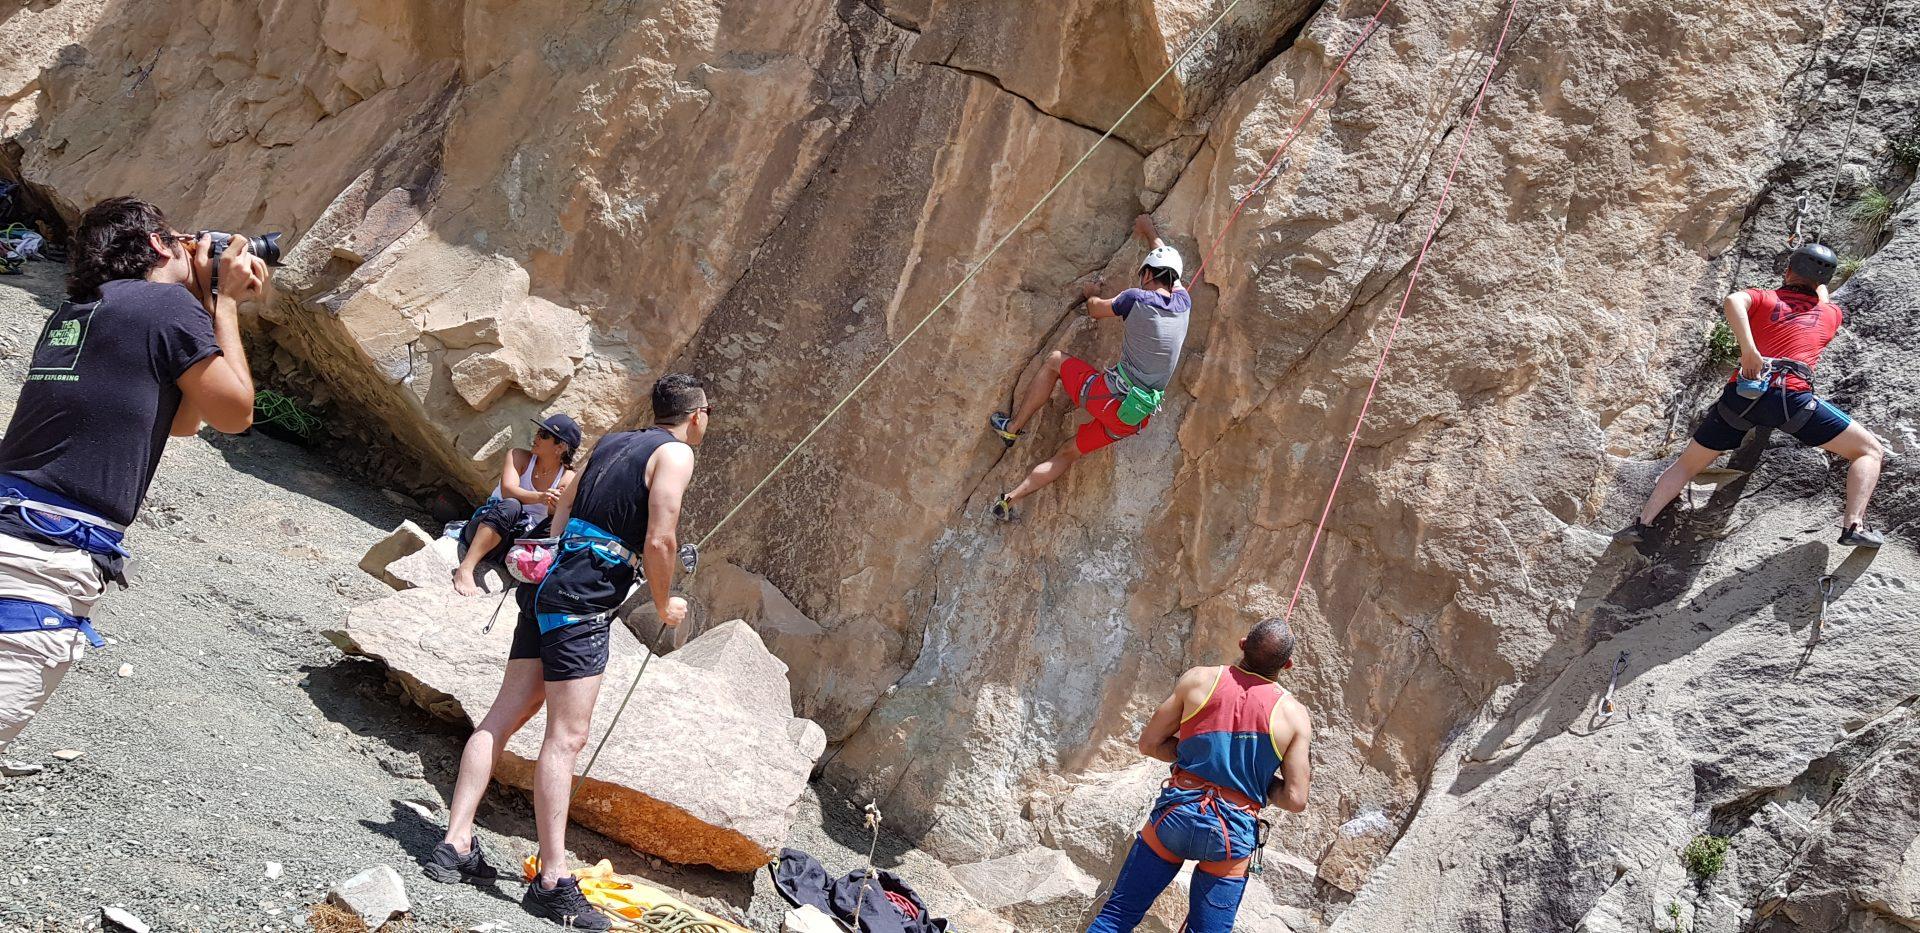 20190614 115431 - فروشگاه لوازم کوهنوردی و طبیعت گردی